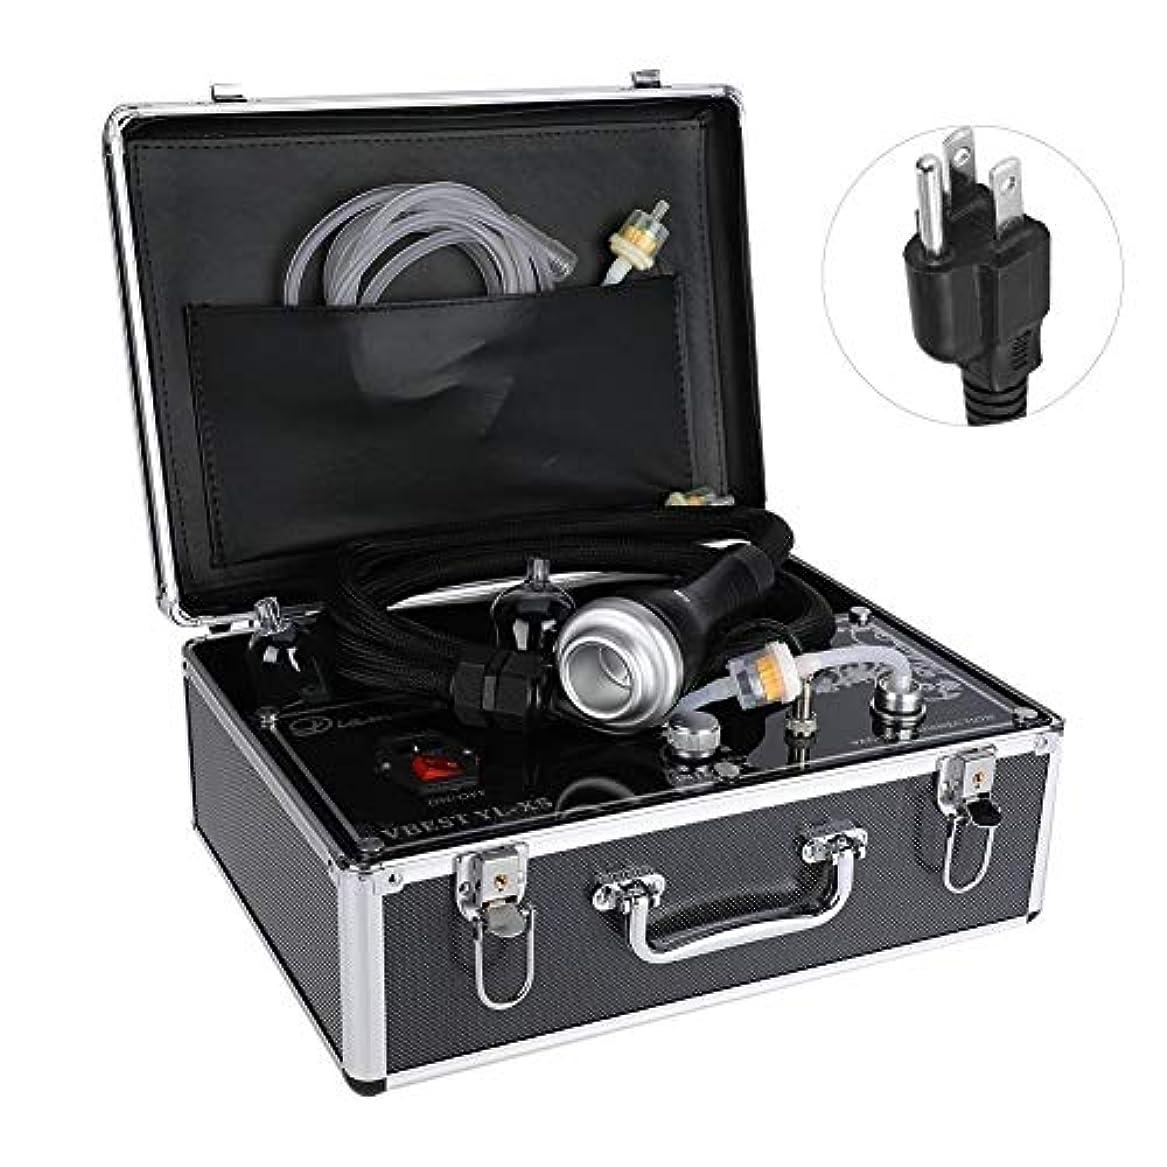 関数紳士列挙する否定的な圧力マッサージャー、ボディ解毒の浚渫の痛みのための熱い圧縮のこするカッピング療法の電気マッサージャー(US Plug)